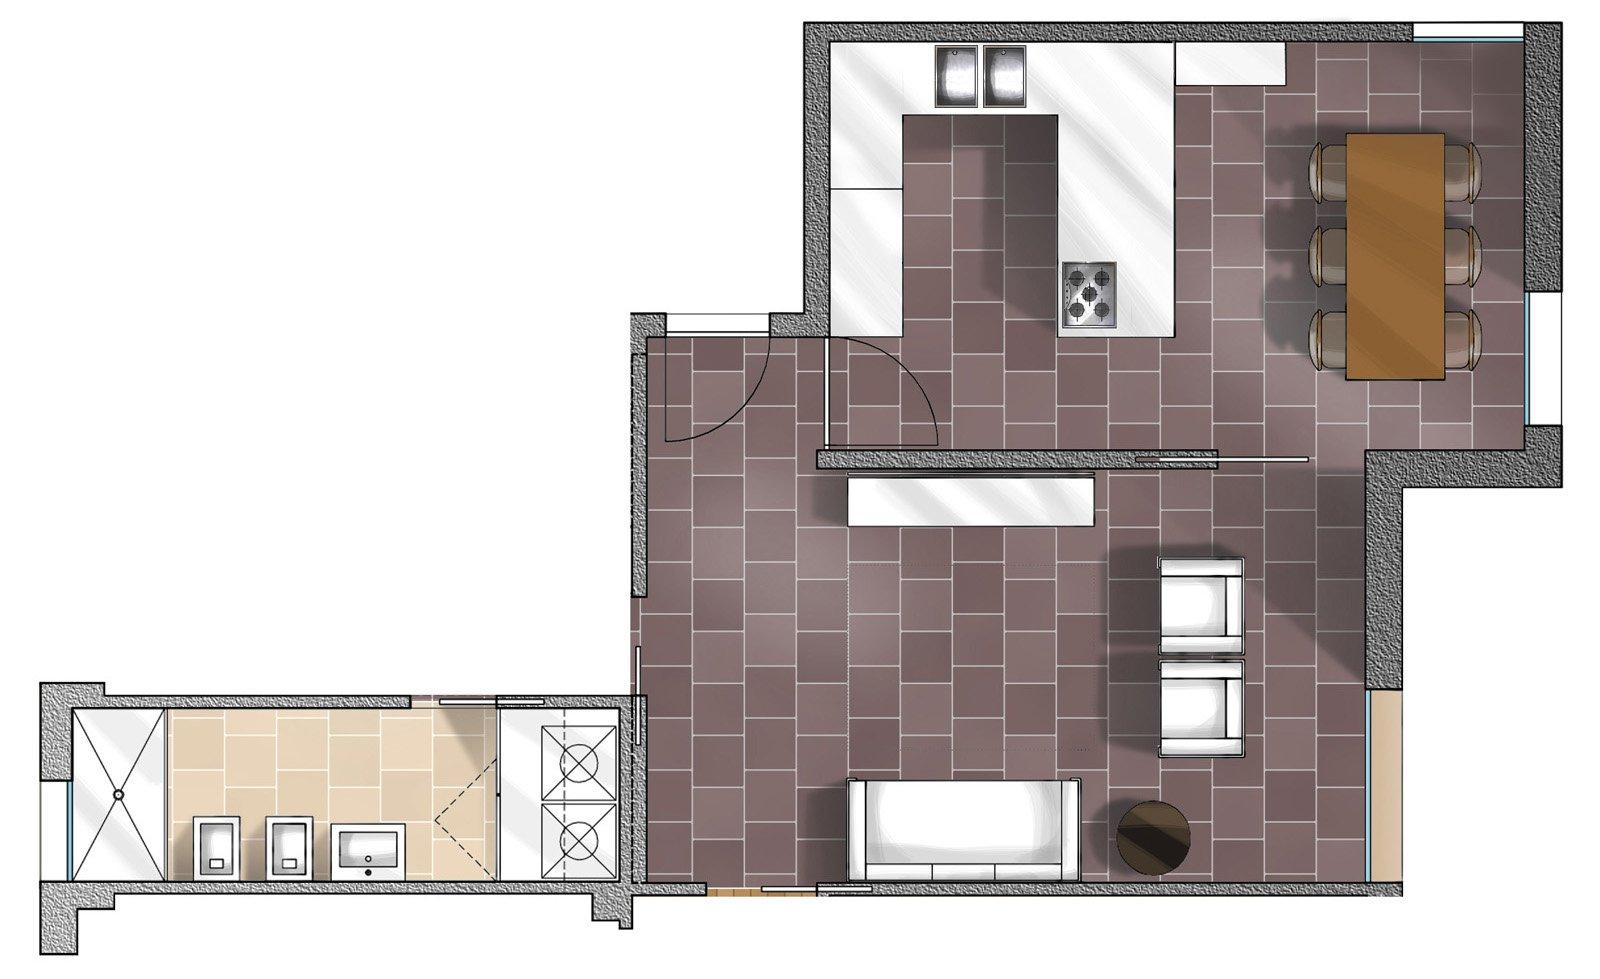 Idee da copiare per migliorare la casa cose di casa for Progetti per ristrutturare casa